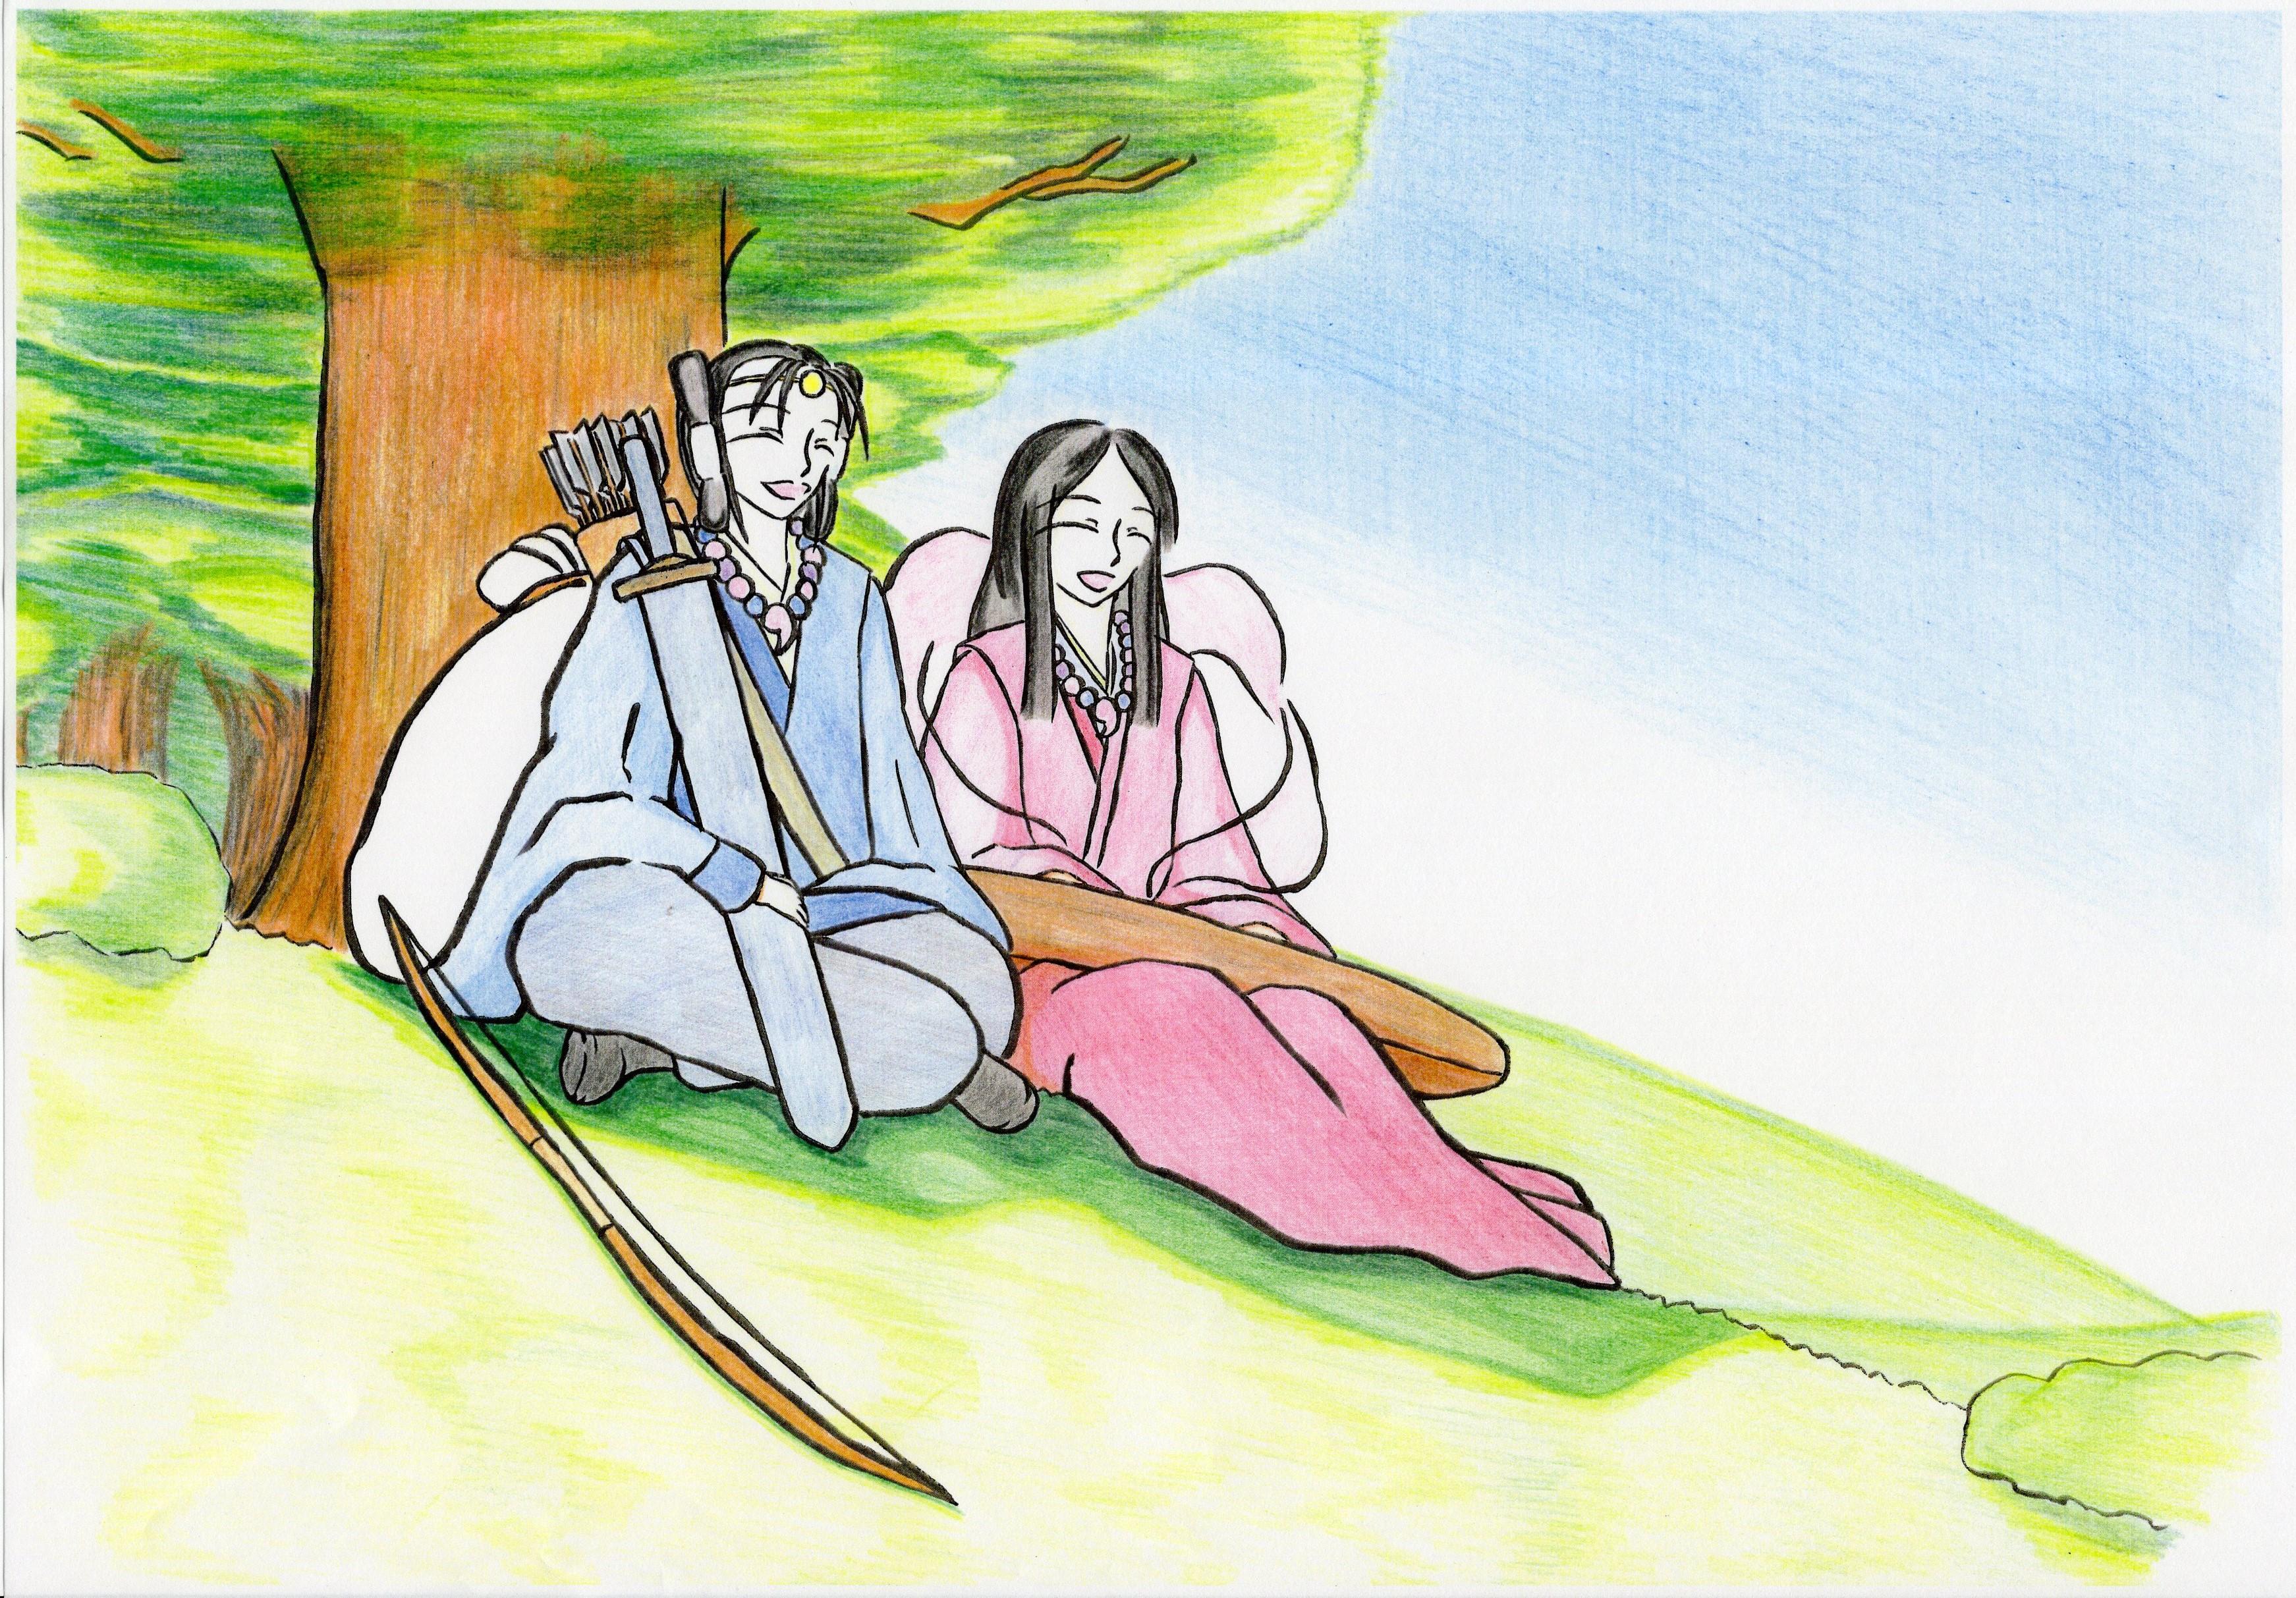 オーディション ラジオドラマ「日本の神話~日本誕生物語~」オーディション 主催:夜想会、カテゴリ:声優